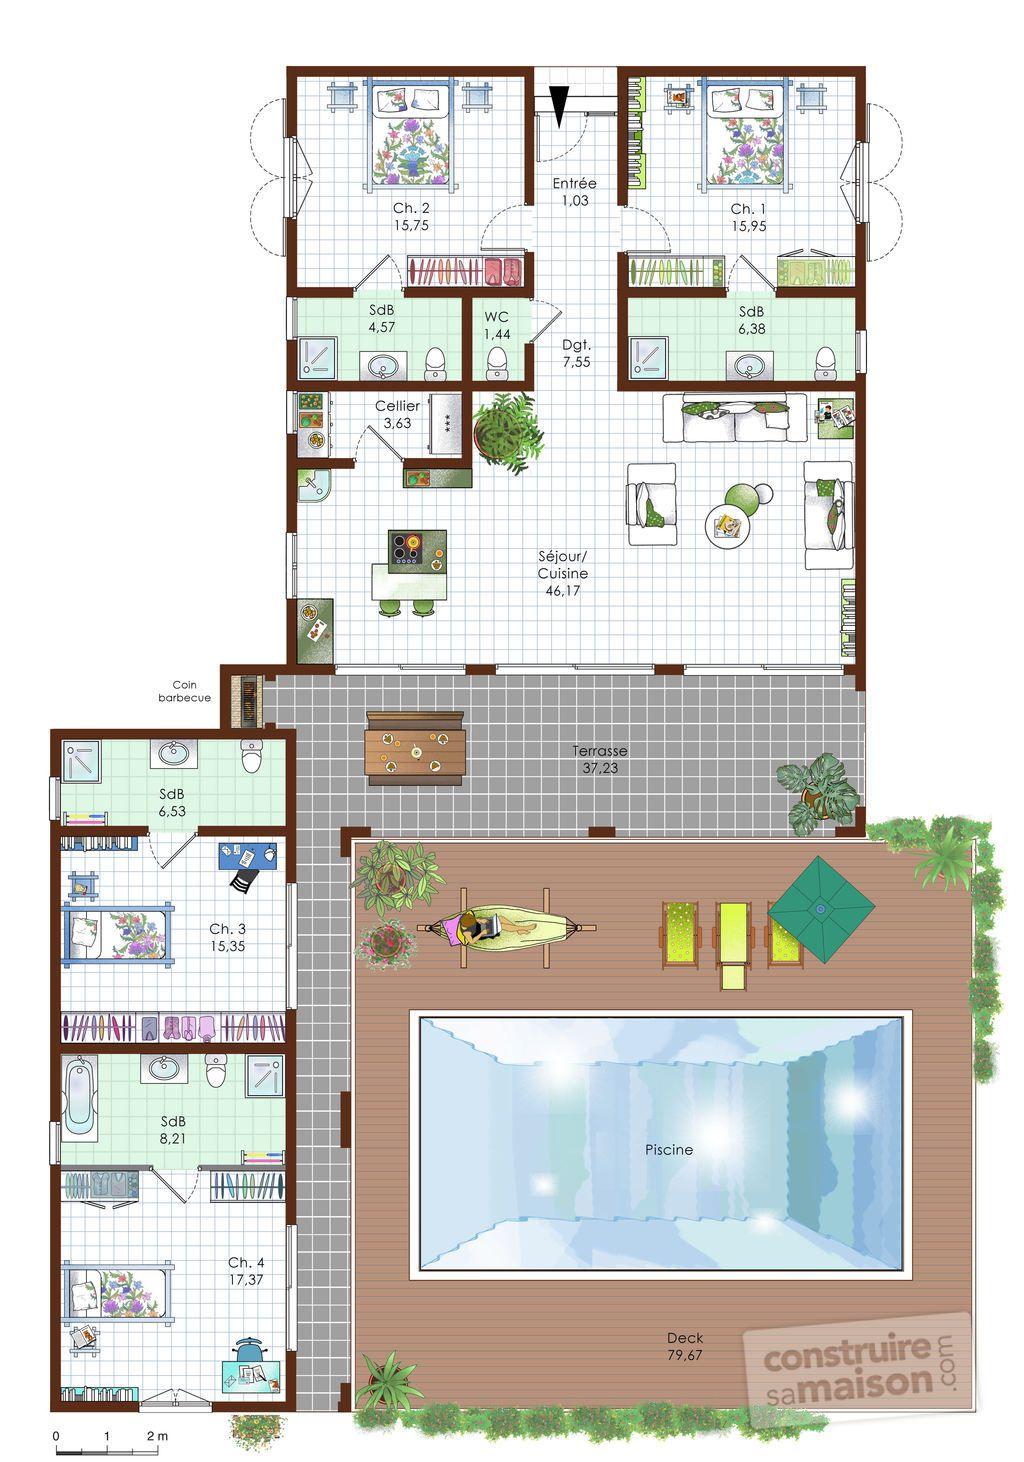 High Quality (www.construiresamaison.com)